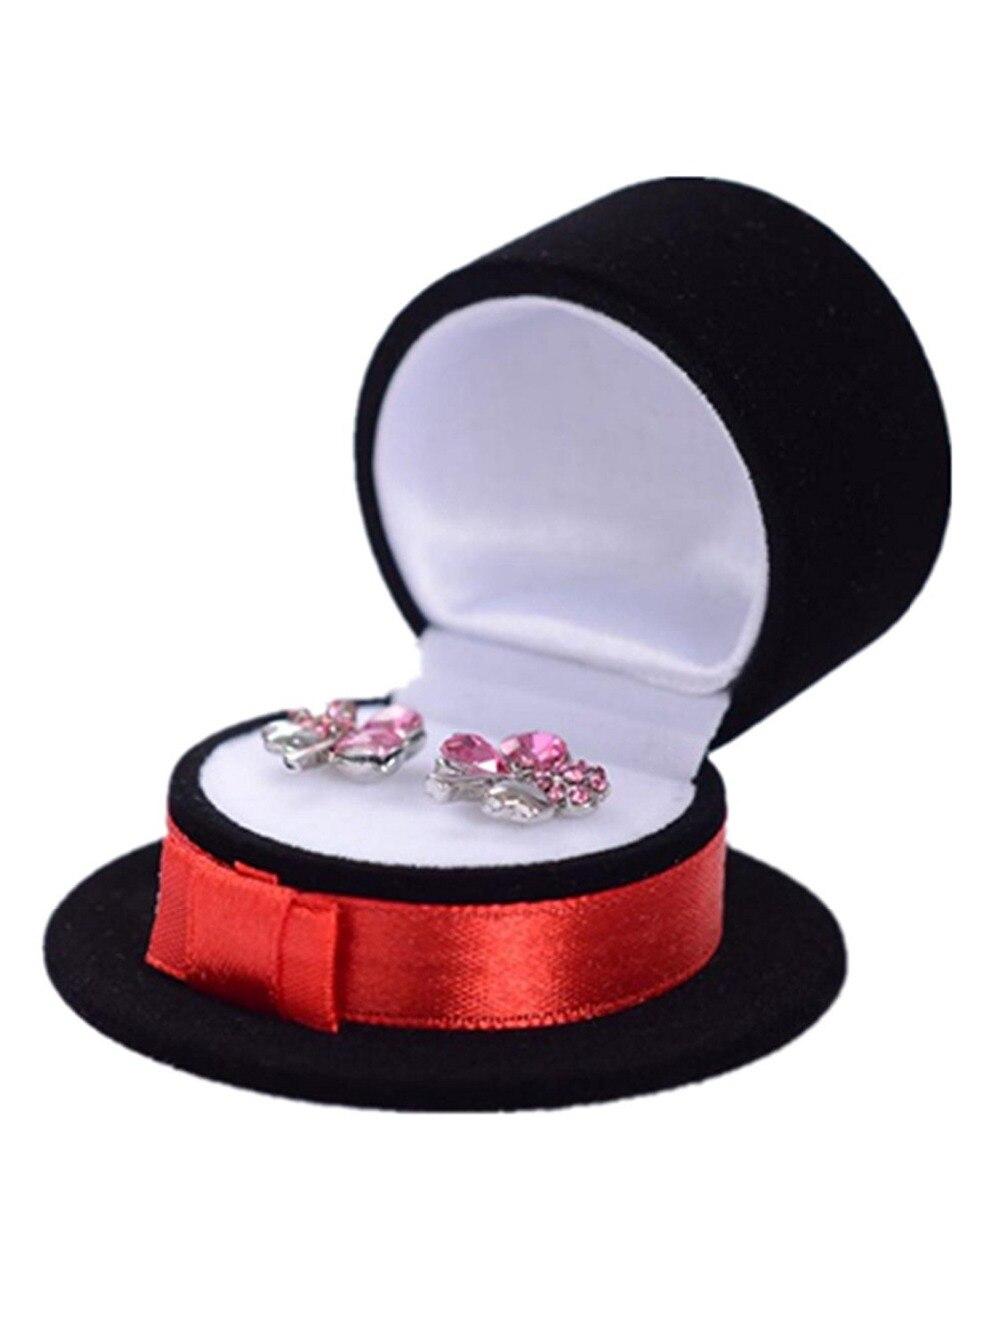 Caja de anillo con forma de sombrero de 5 uds pendientes preciosos caja de muestra de regalos de terciopelo elegante caja de joyería collar negro rojo 6x6x3.5cm